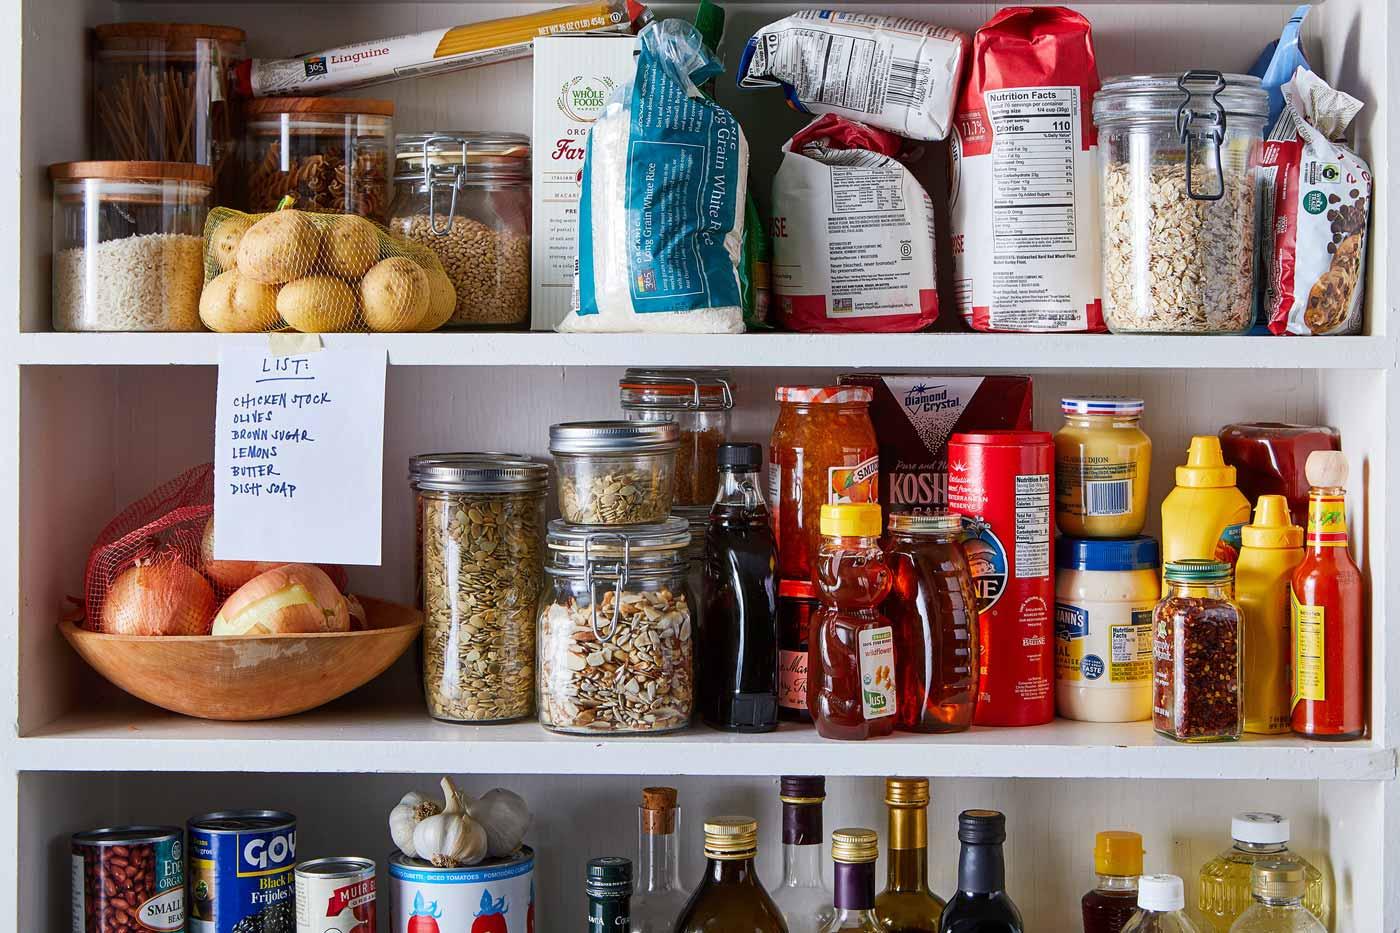 ایده های ساده و کم هزینه ای که به شما در چیدمان آشپزخانه و مرتب کردن مواد غذایی کمک میکنند